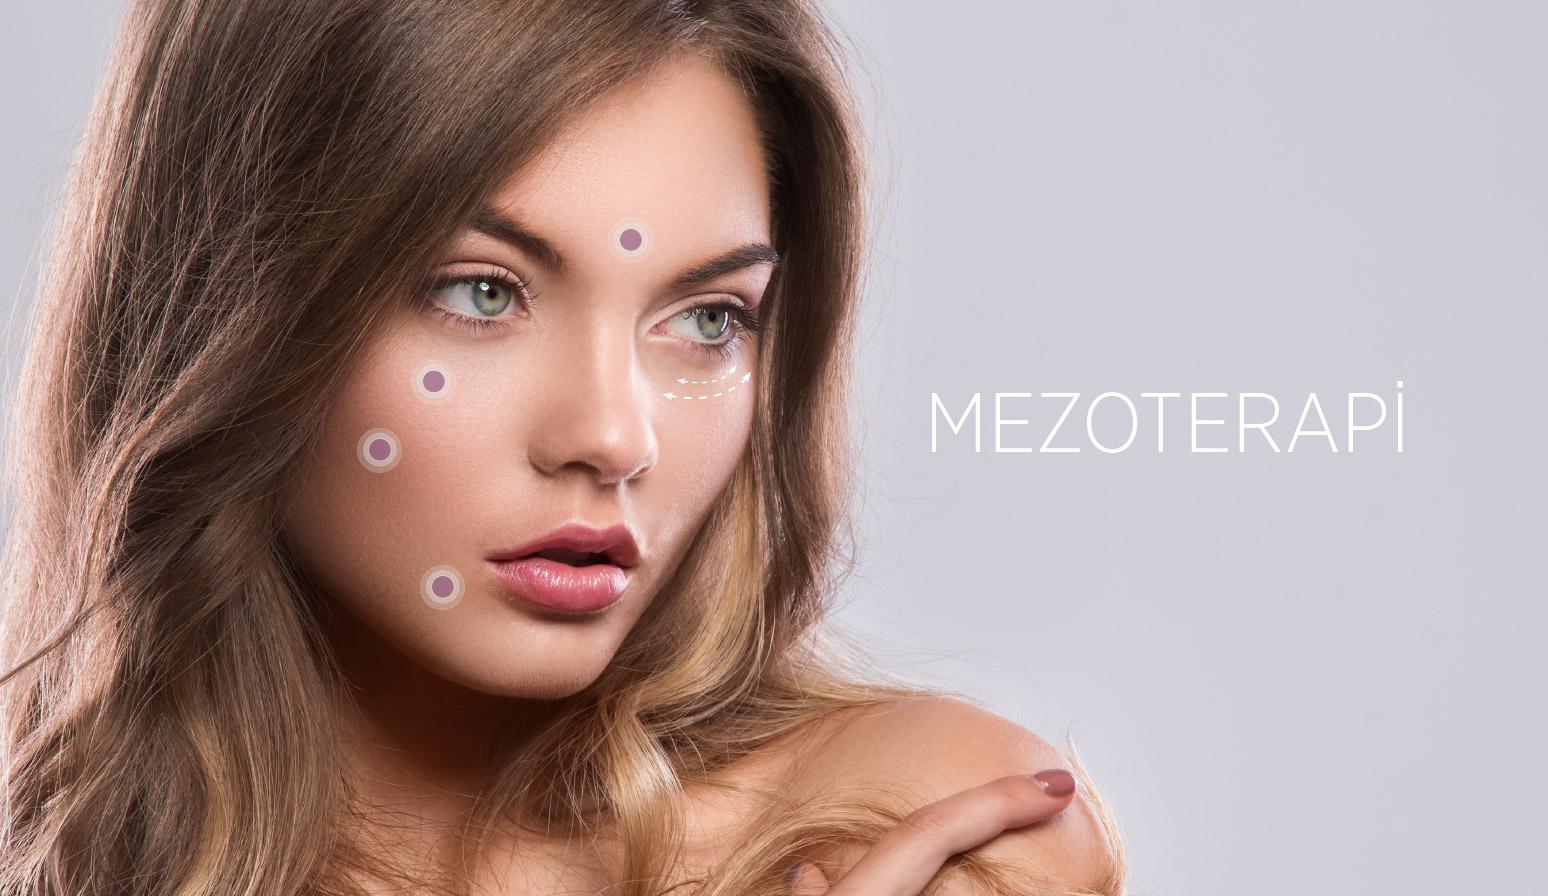 mezoterapi nasıl uygulanır